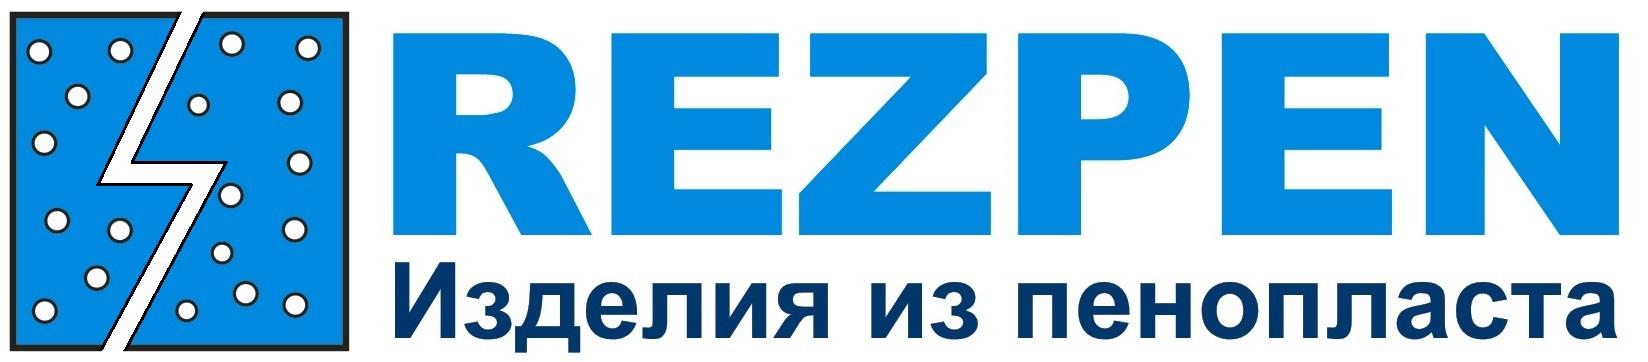 Редизайн логотипа фото f_9995a5495a64550f.jpg